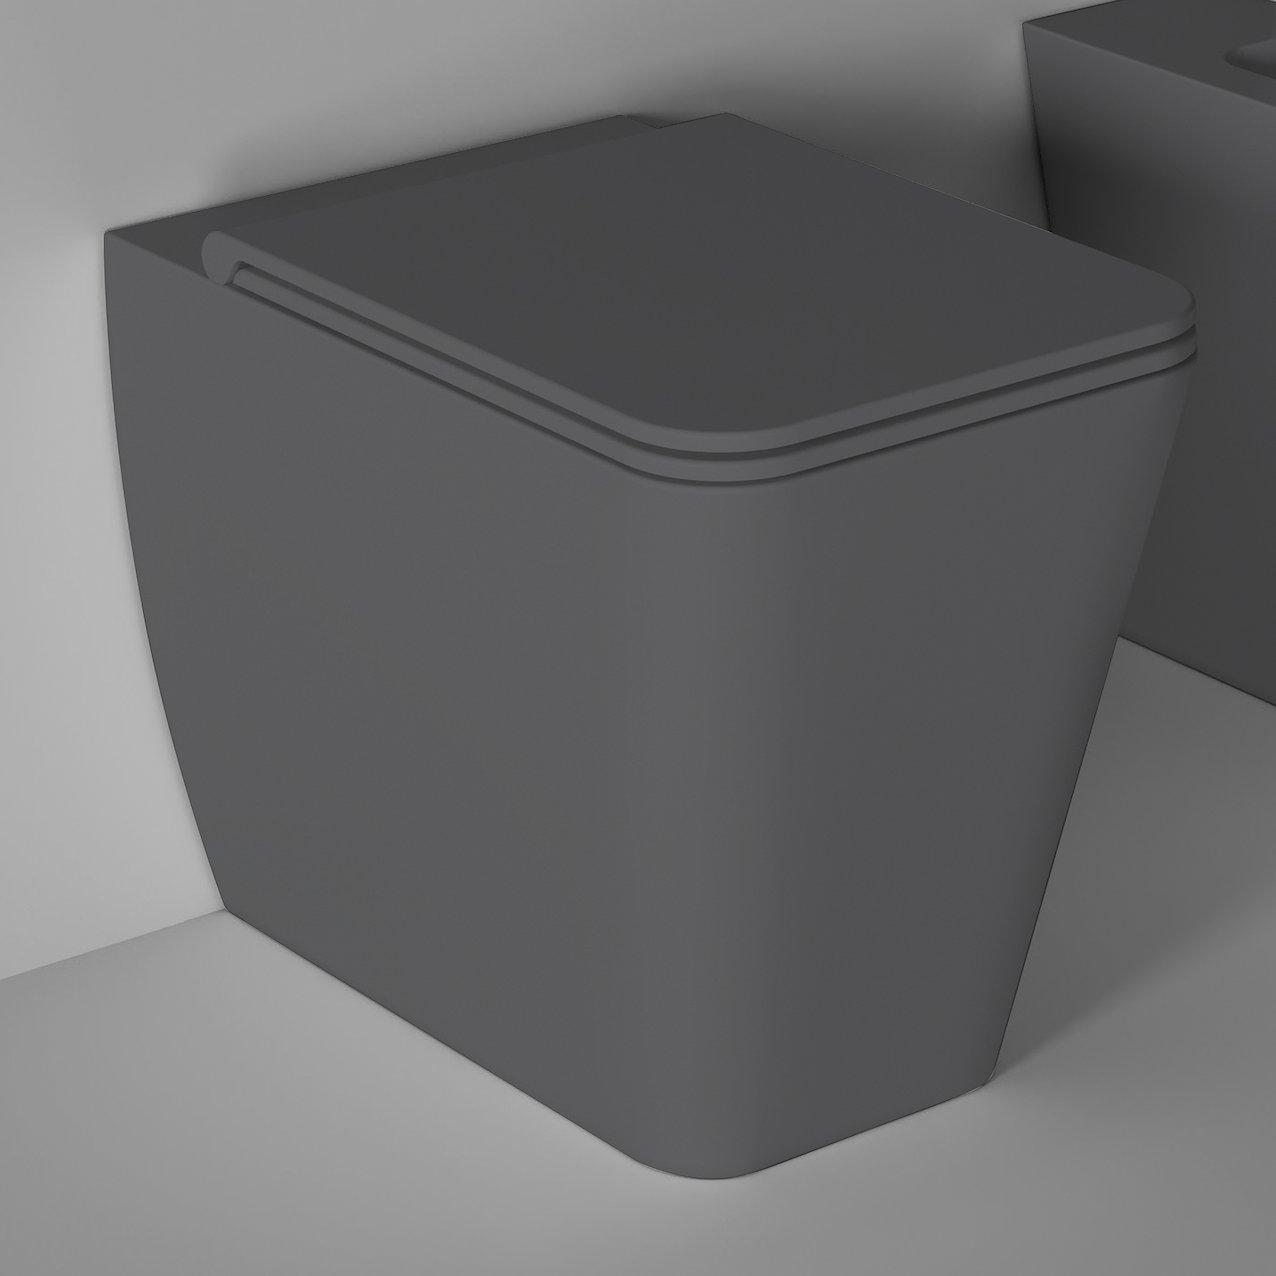 WC Hide Square filomuro